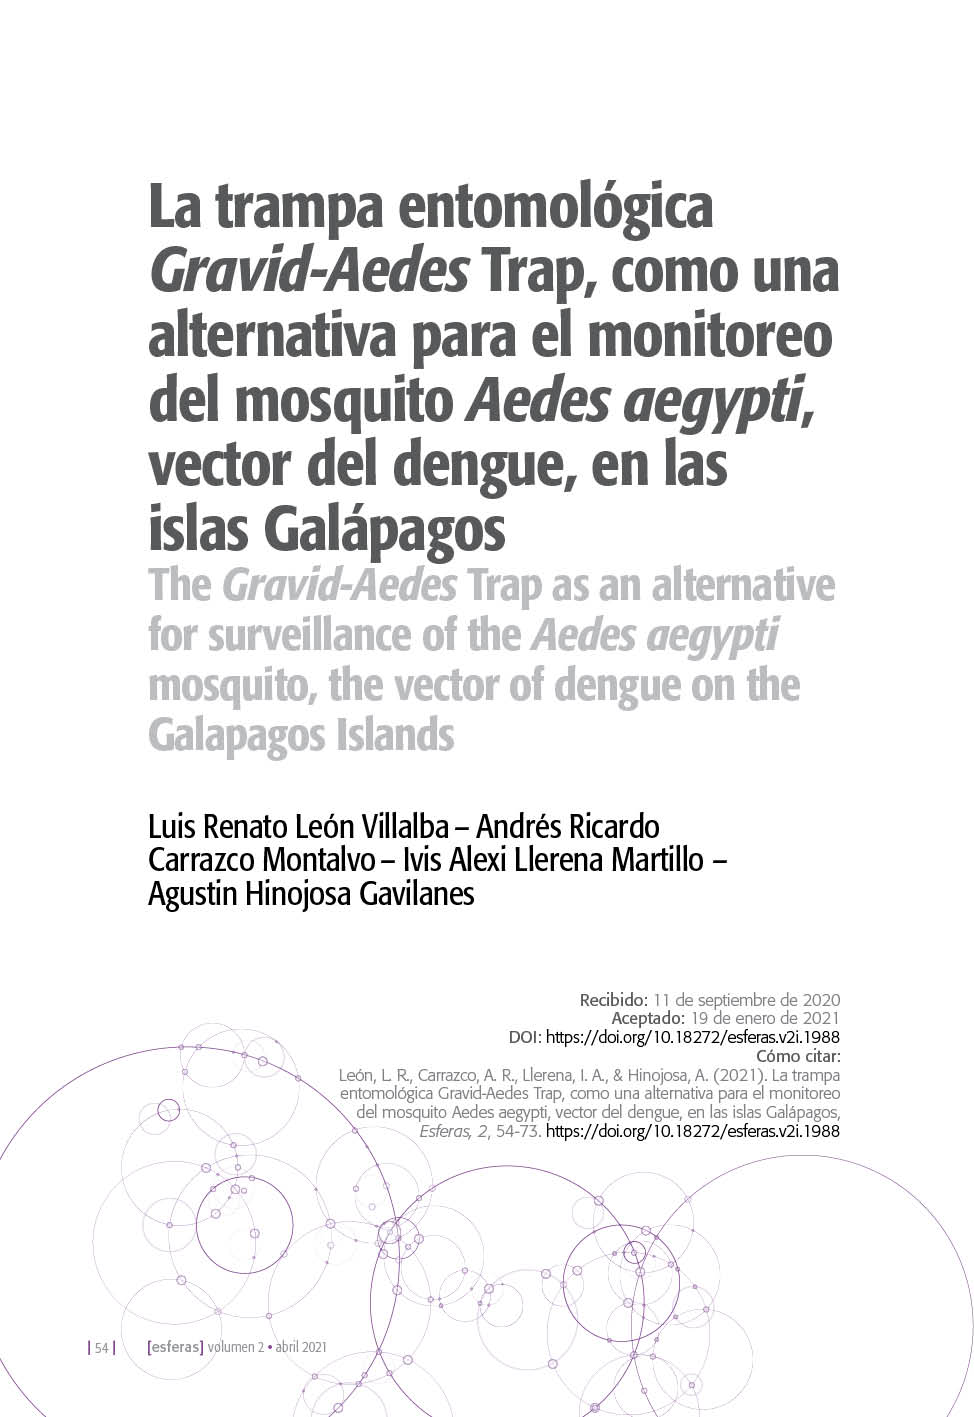 La trampa entomológica Gravid-Aedes Trap, como una alternativa para el monitoreo del mosquito Aedes aegypti, vector del dengue, en las islas Galápagos